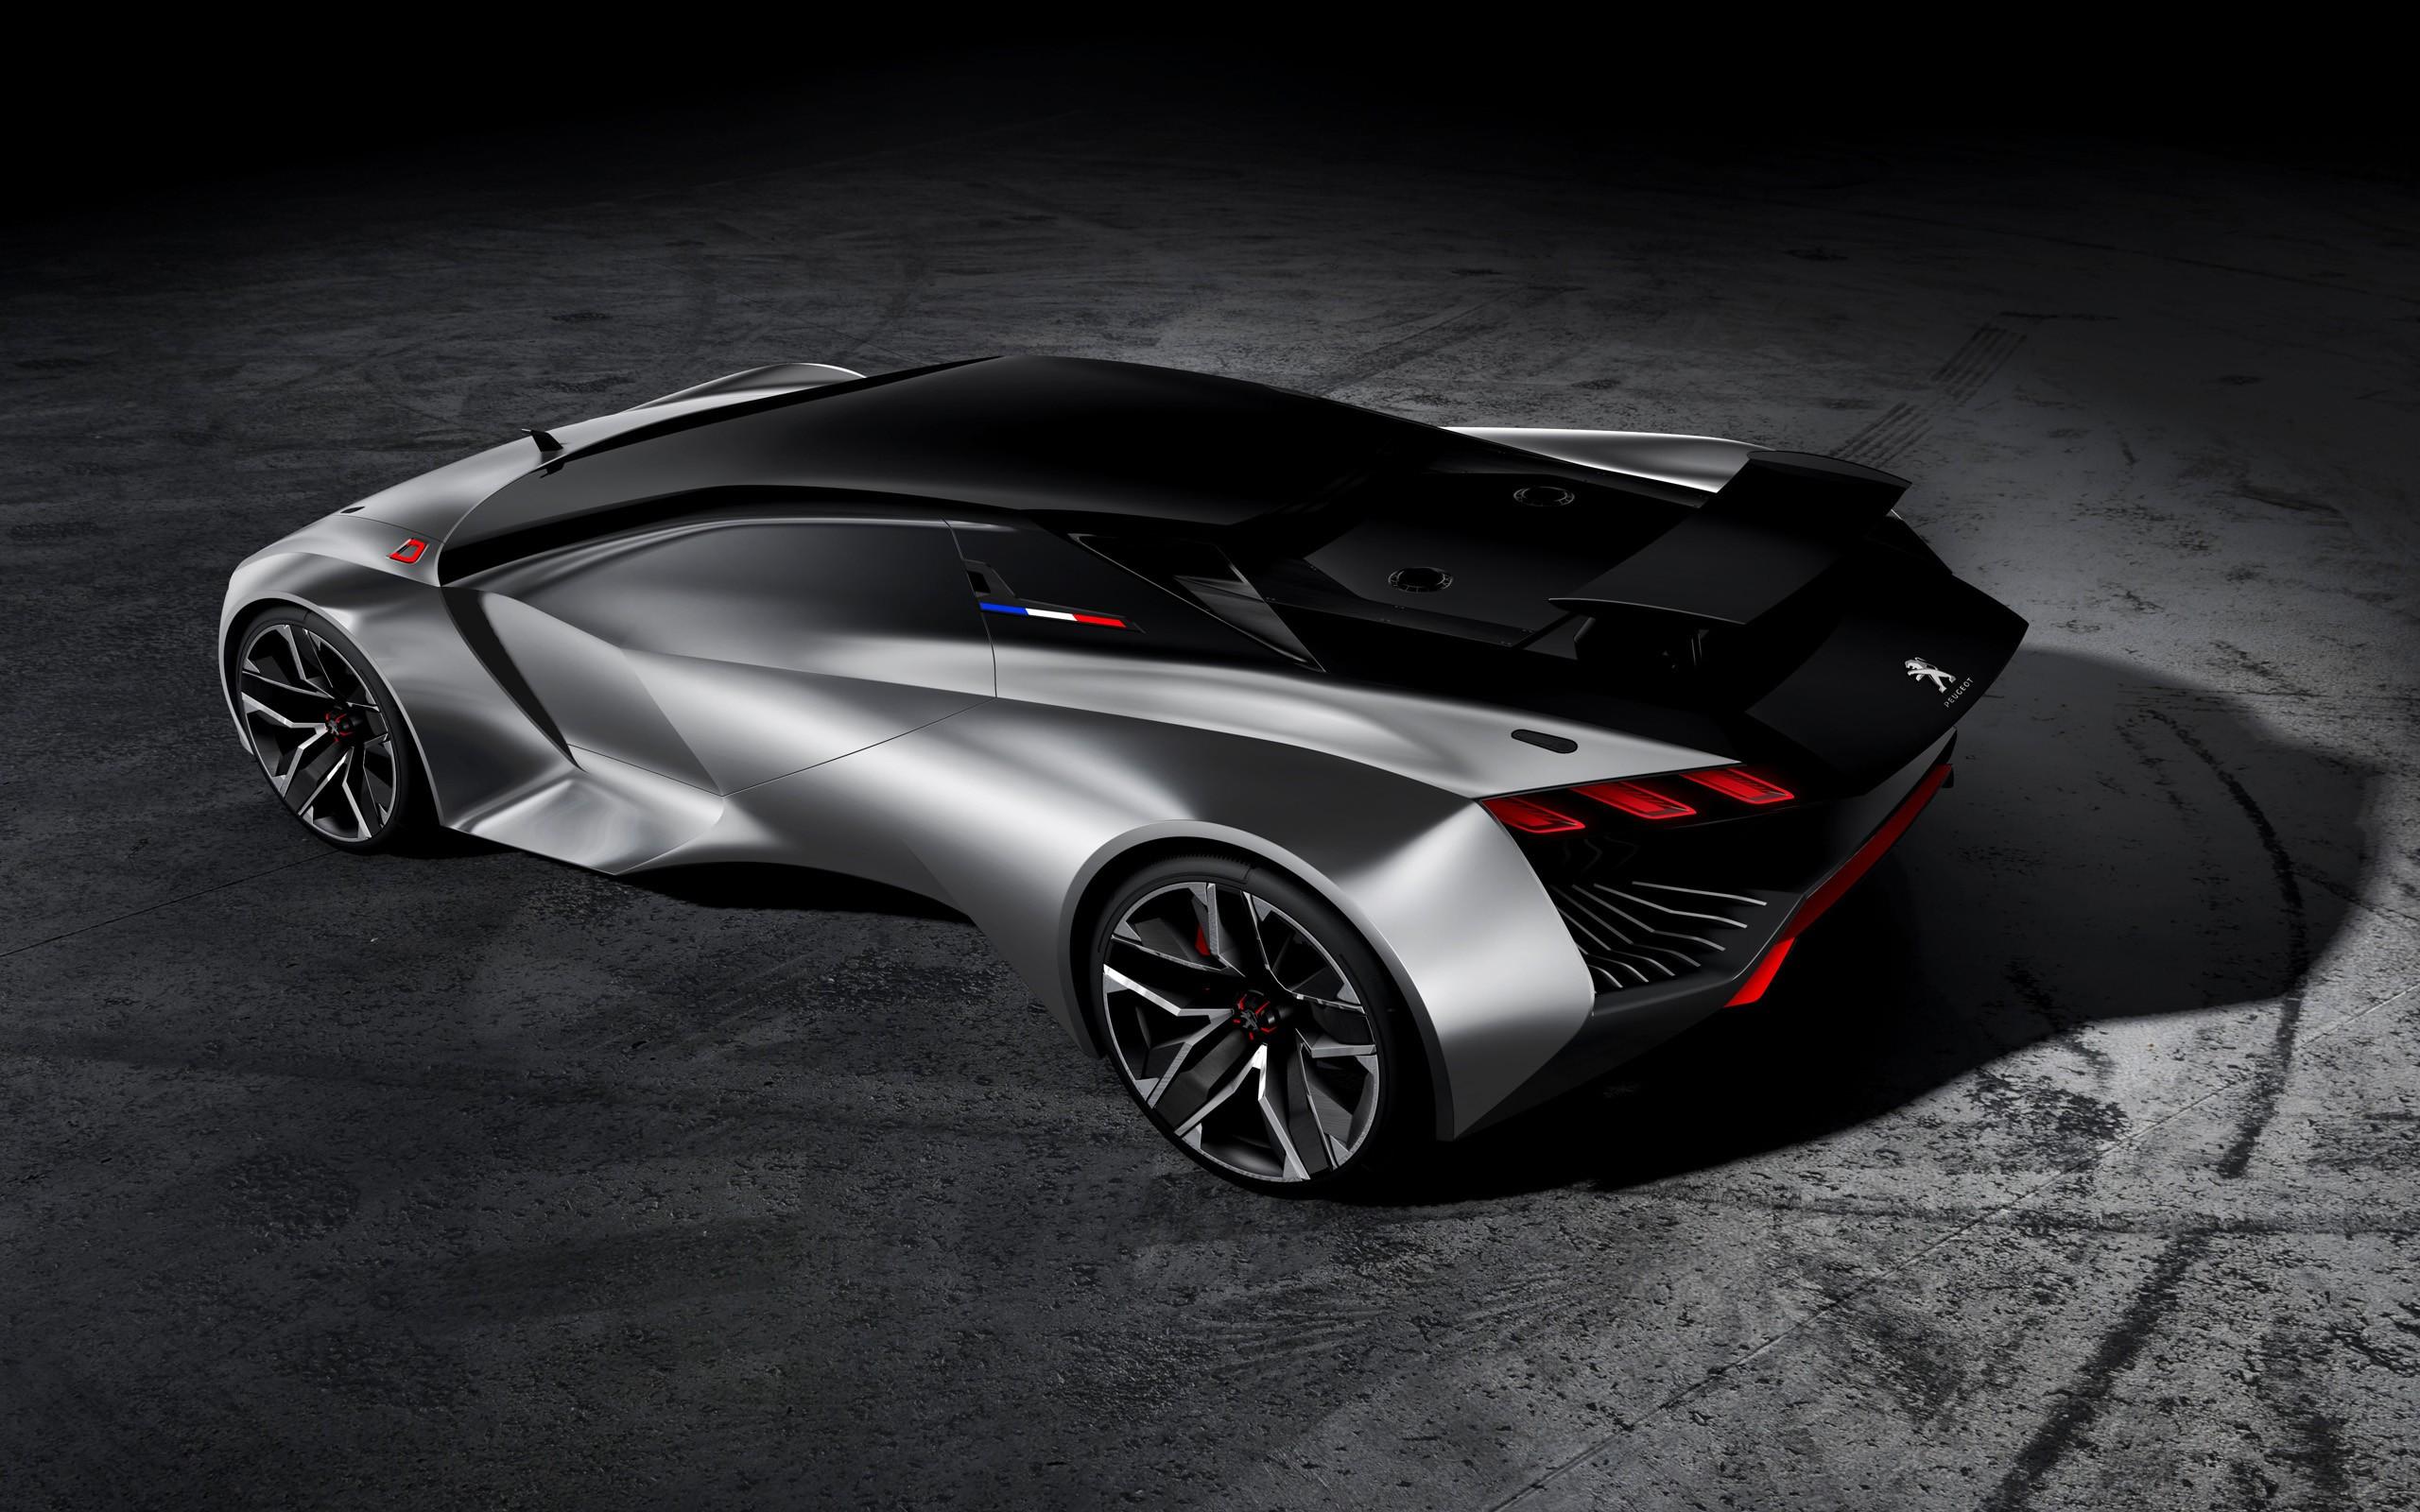 Lamborghini Cars Wallpapers 3d 2015 Peugeot Vision Gran Turismo 4 Wallpaper Hd Car